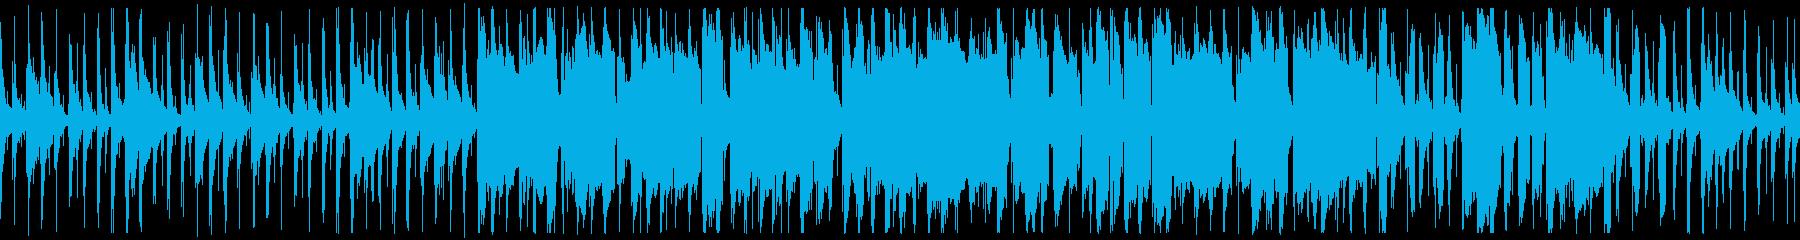 沖縄民謡のようなゆったりしたBGMの再生済みの波形